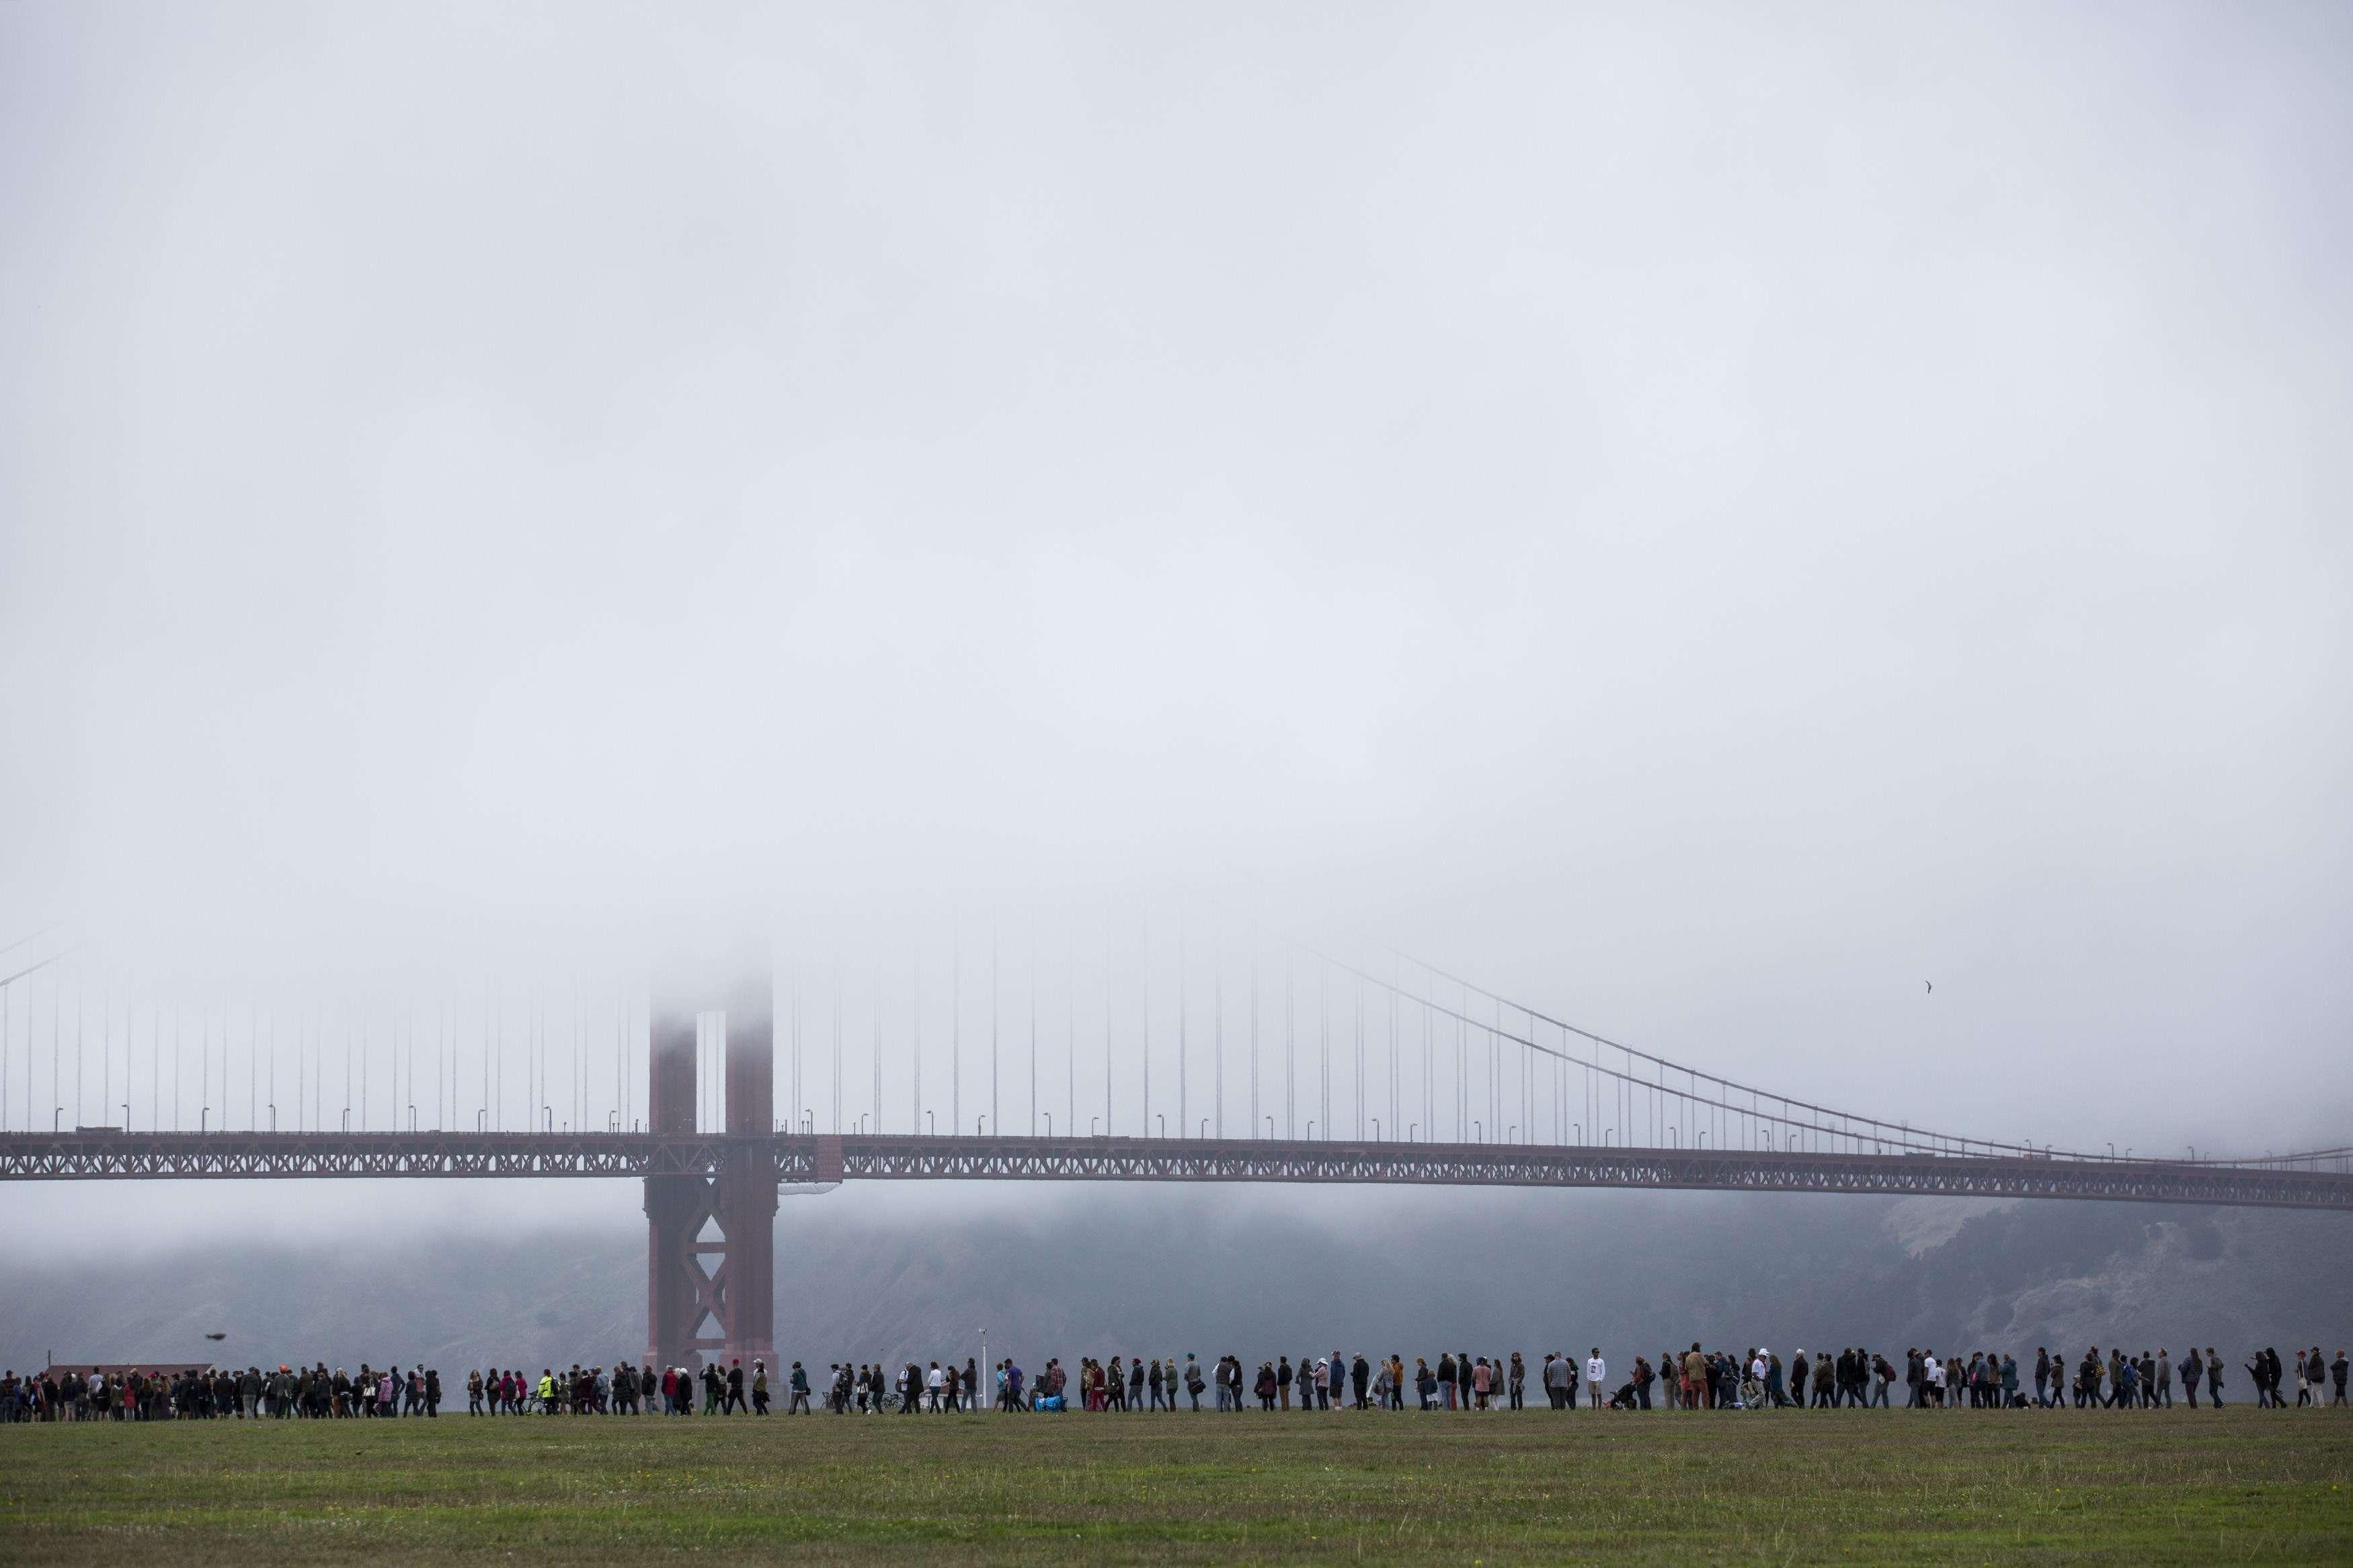 Des gens font la queue pour assister au rassemblement du sénateur à la base militaire Presidio de San Francisco, Californie, le 6juin, à la veille des primaires dans cet Etat.